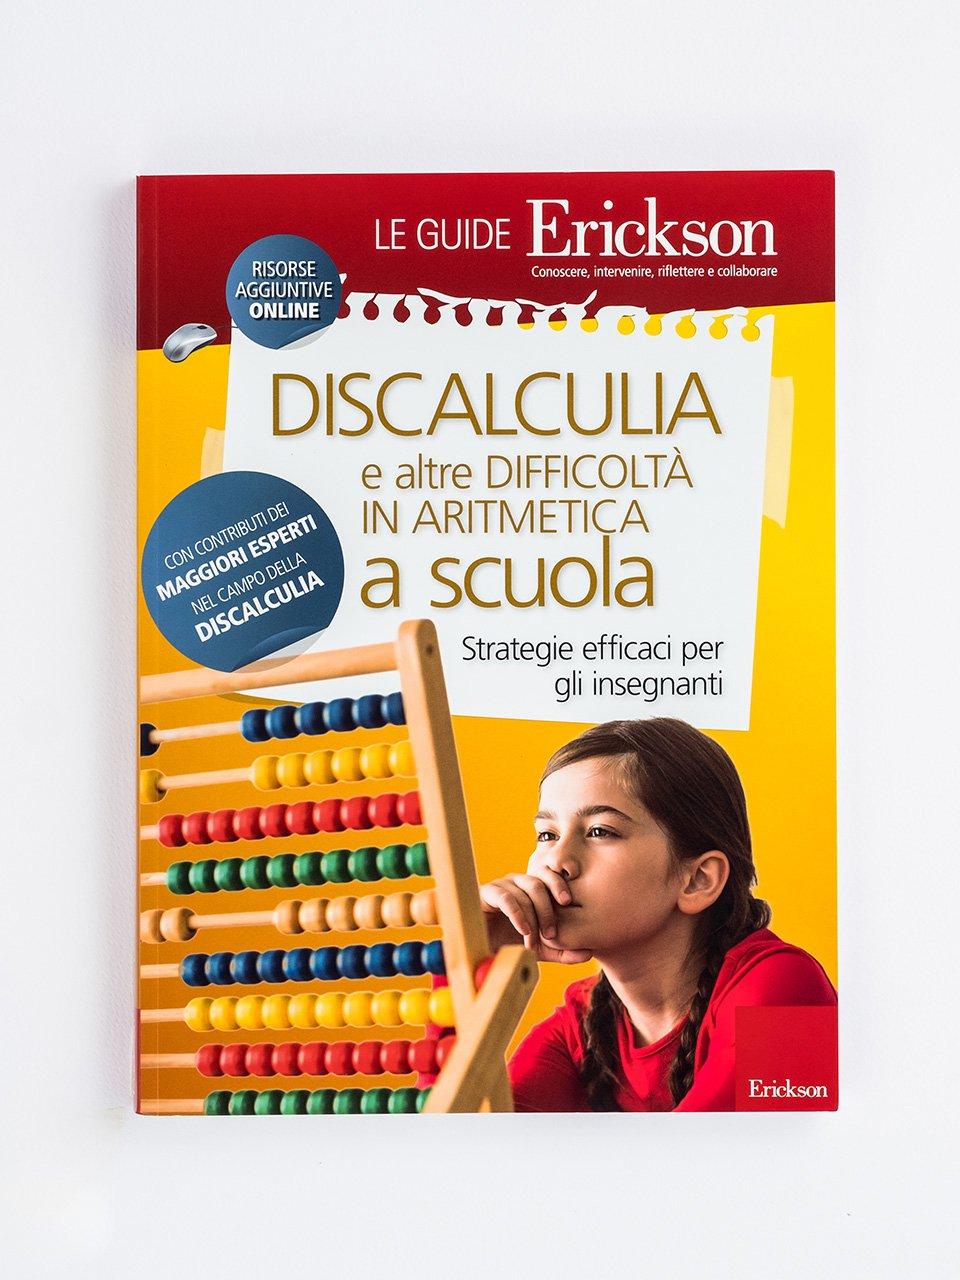 DISCALCULIA e altre difficoltà in aritmetica a scuola - Le guide Erickson - Erickson